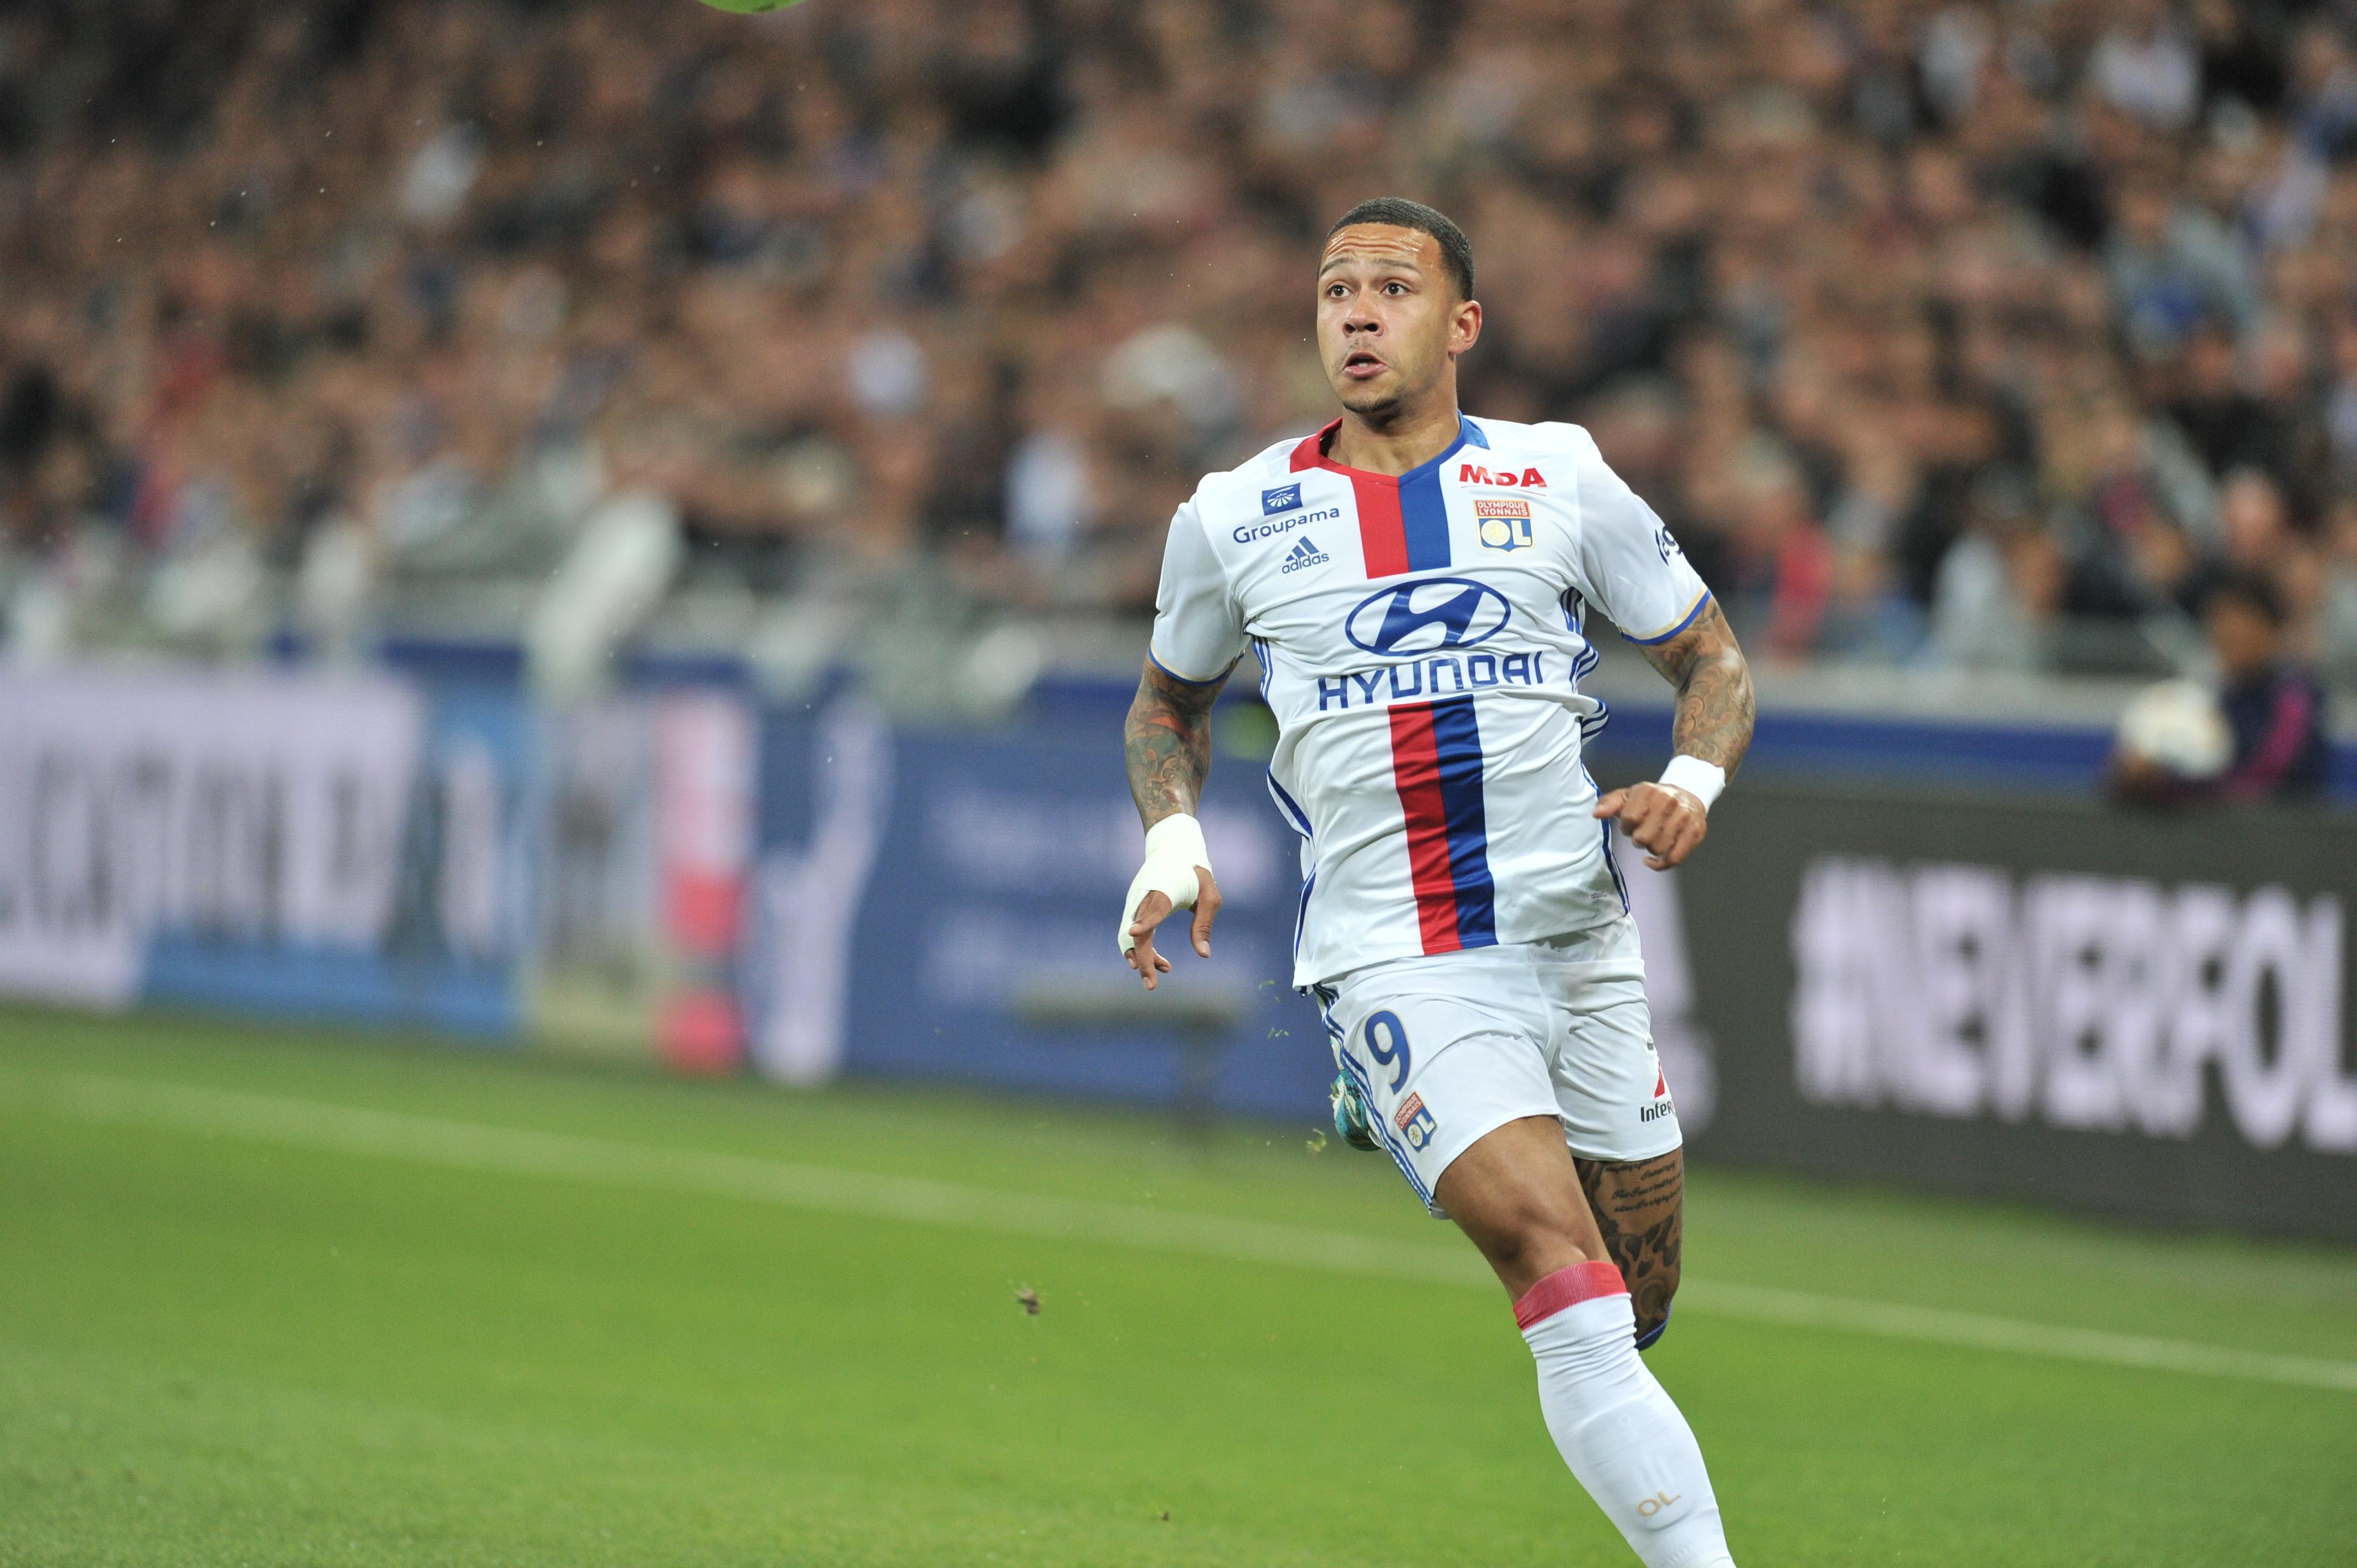 Football - Ligue 1 - Lyon : Depay, pourquoi ça coince ?